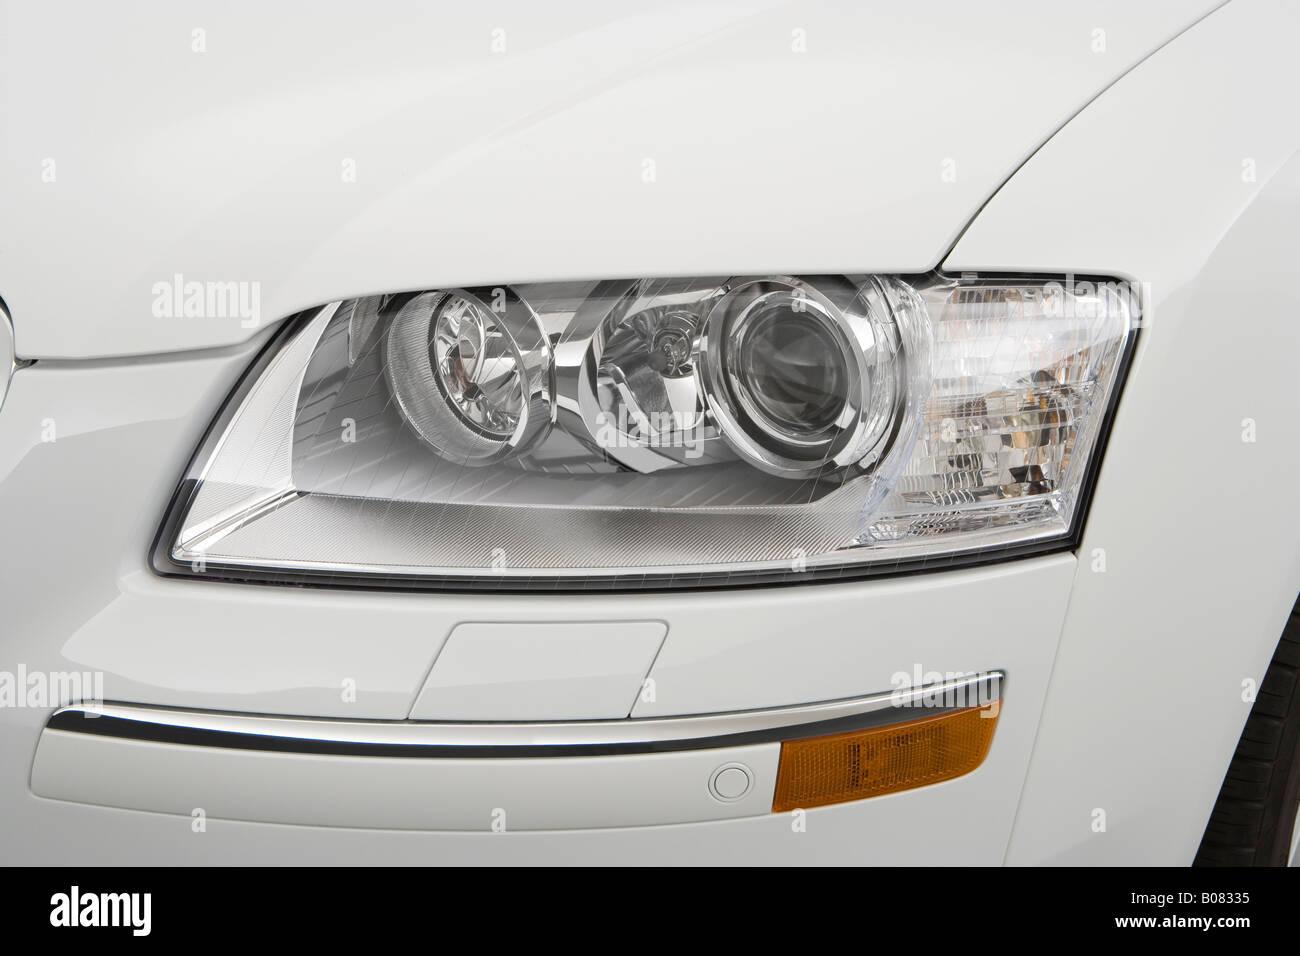 Audi a8 l 6 0 w12 quattro 2004 picture 3 of 5 rear angle image - 2008 Audi A8 4 2 Quattro In White Headlight Stock Image